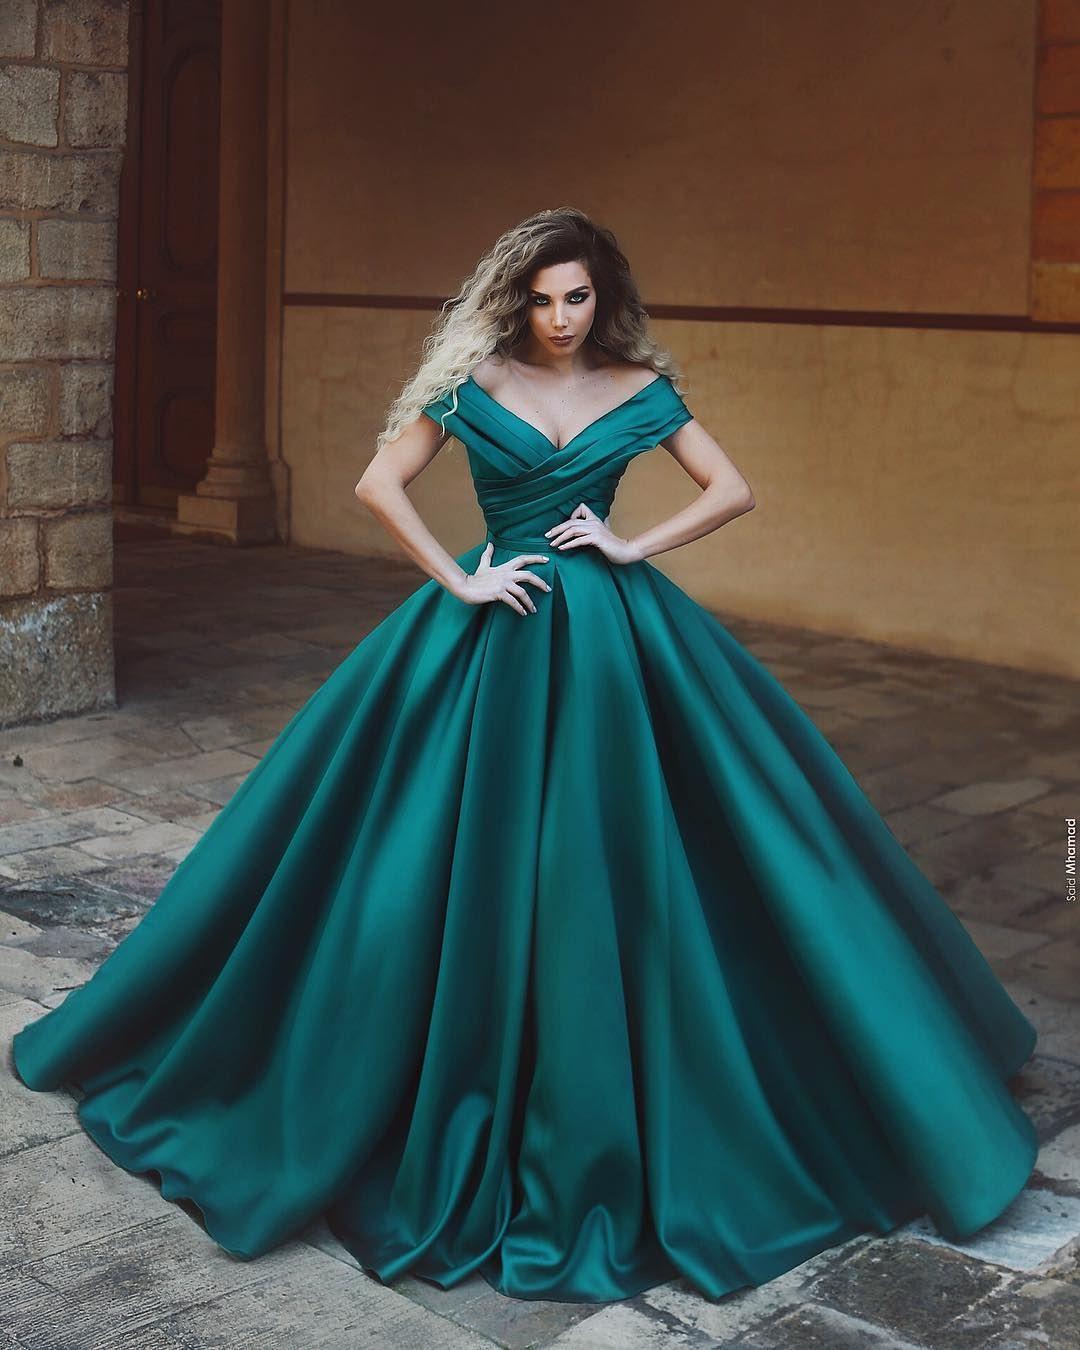 Designer Luxus Grüne Abendkleider Stylish13 Coolste Grüne Abendkleider Boutique